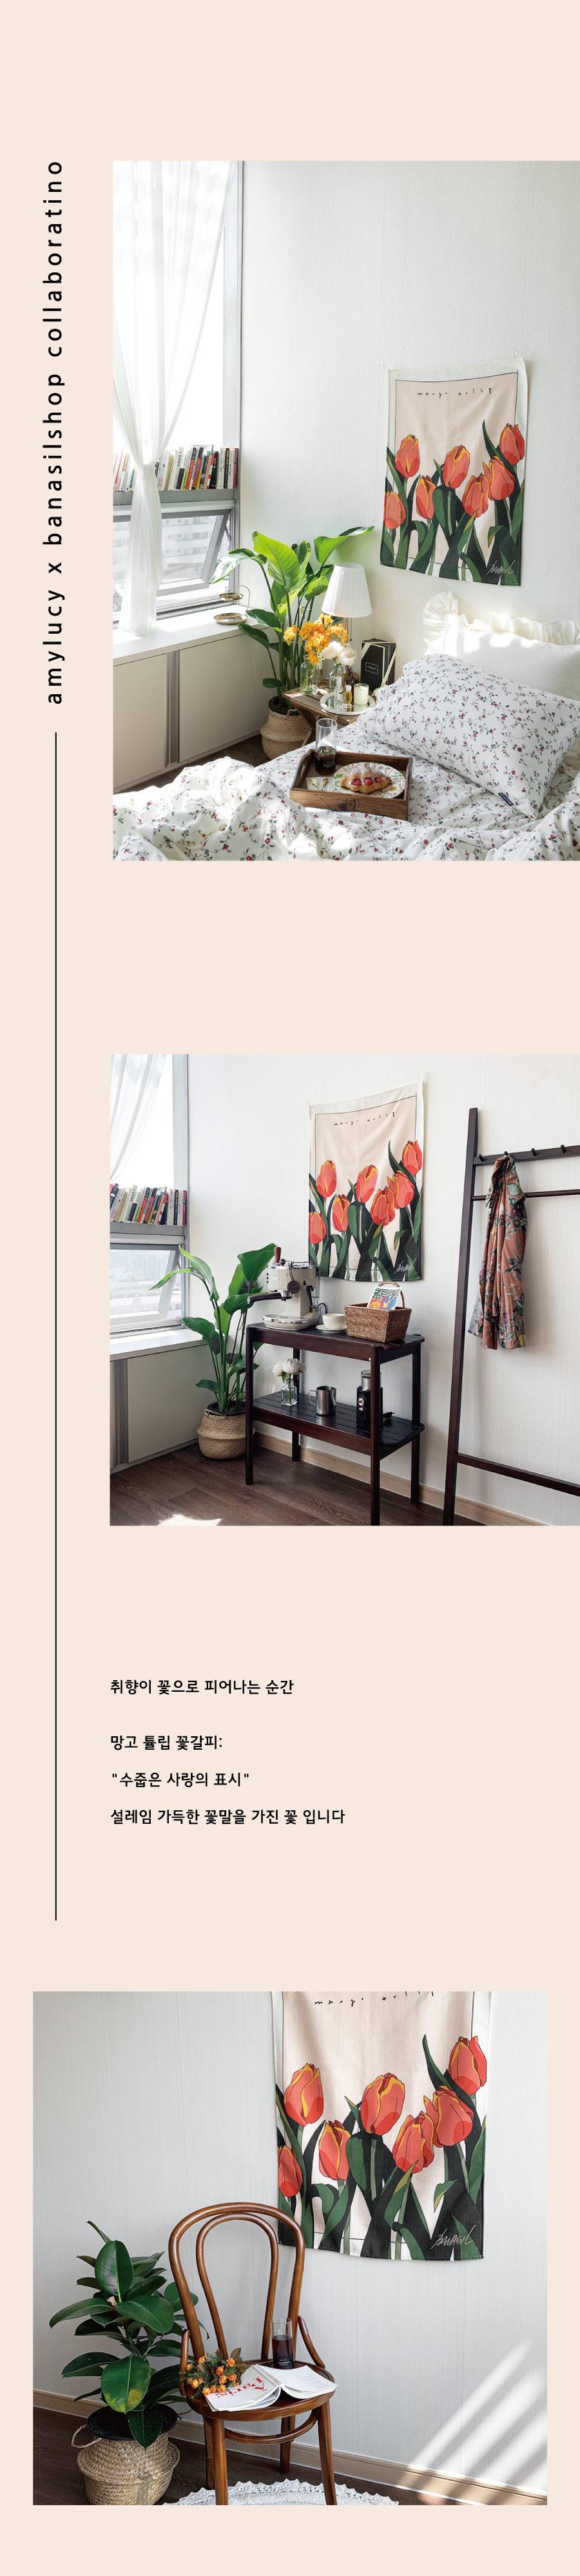 수줍은 망고튤립 패브릭포스터  65x85cm 작은창커튼 - 에이미루시, 32,000원, 홈갤러리, 패브릭포스터